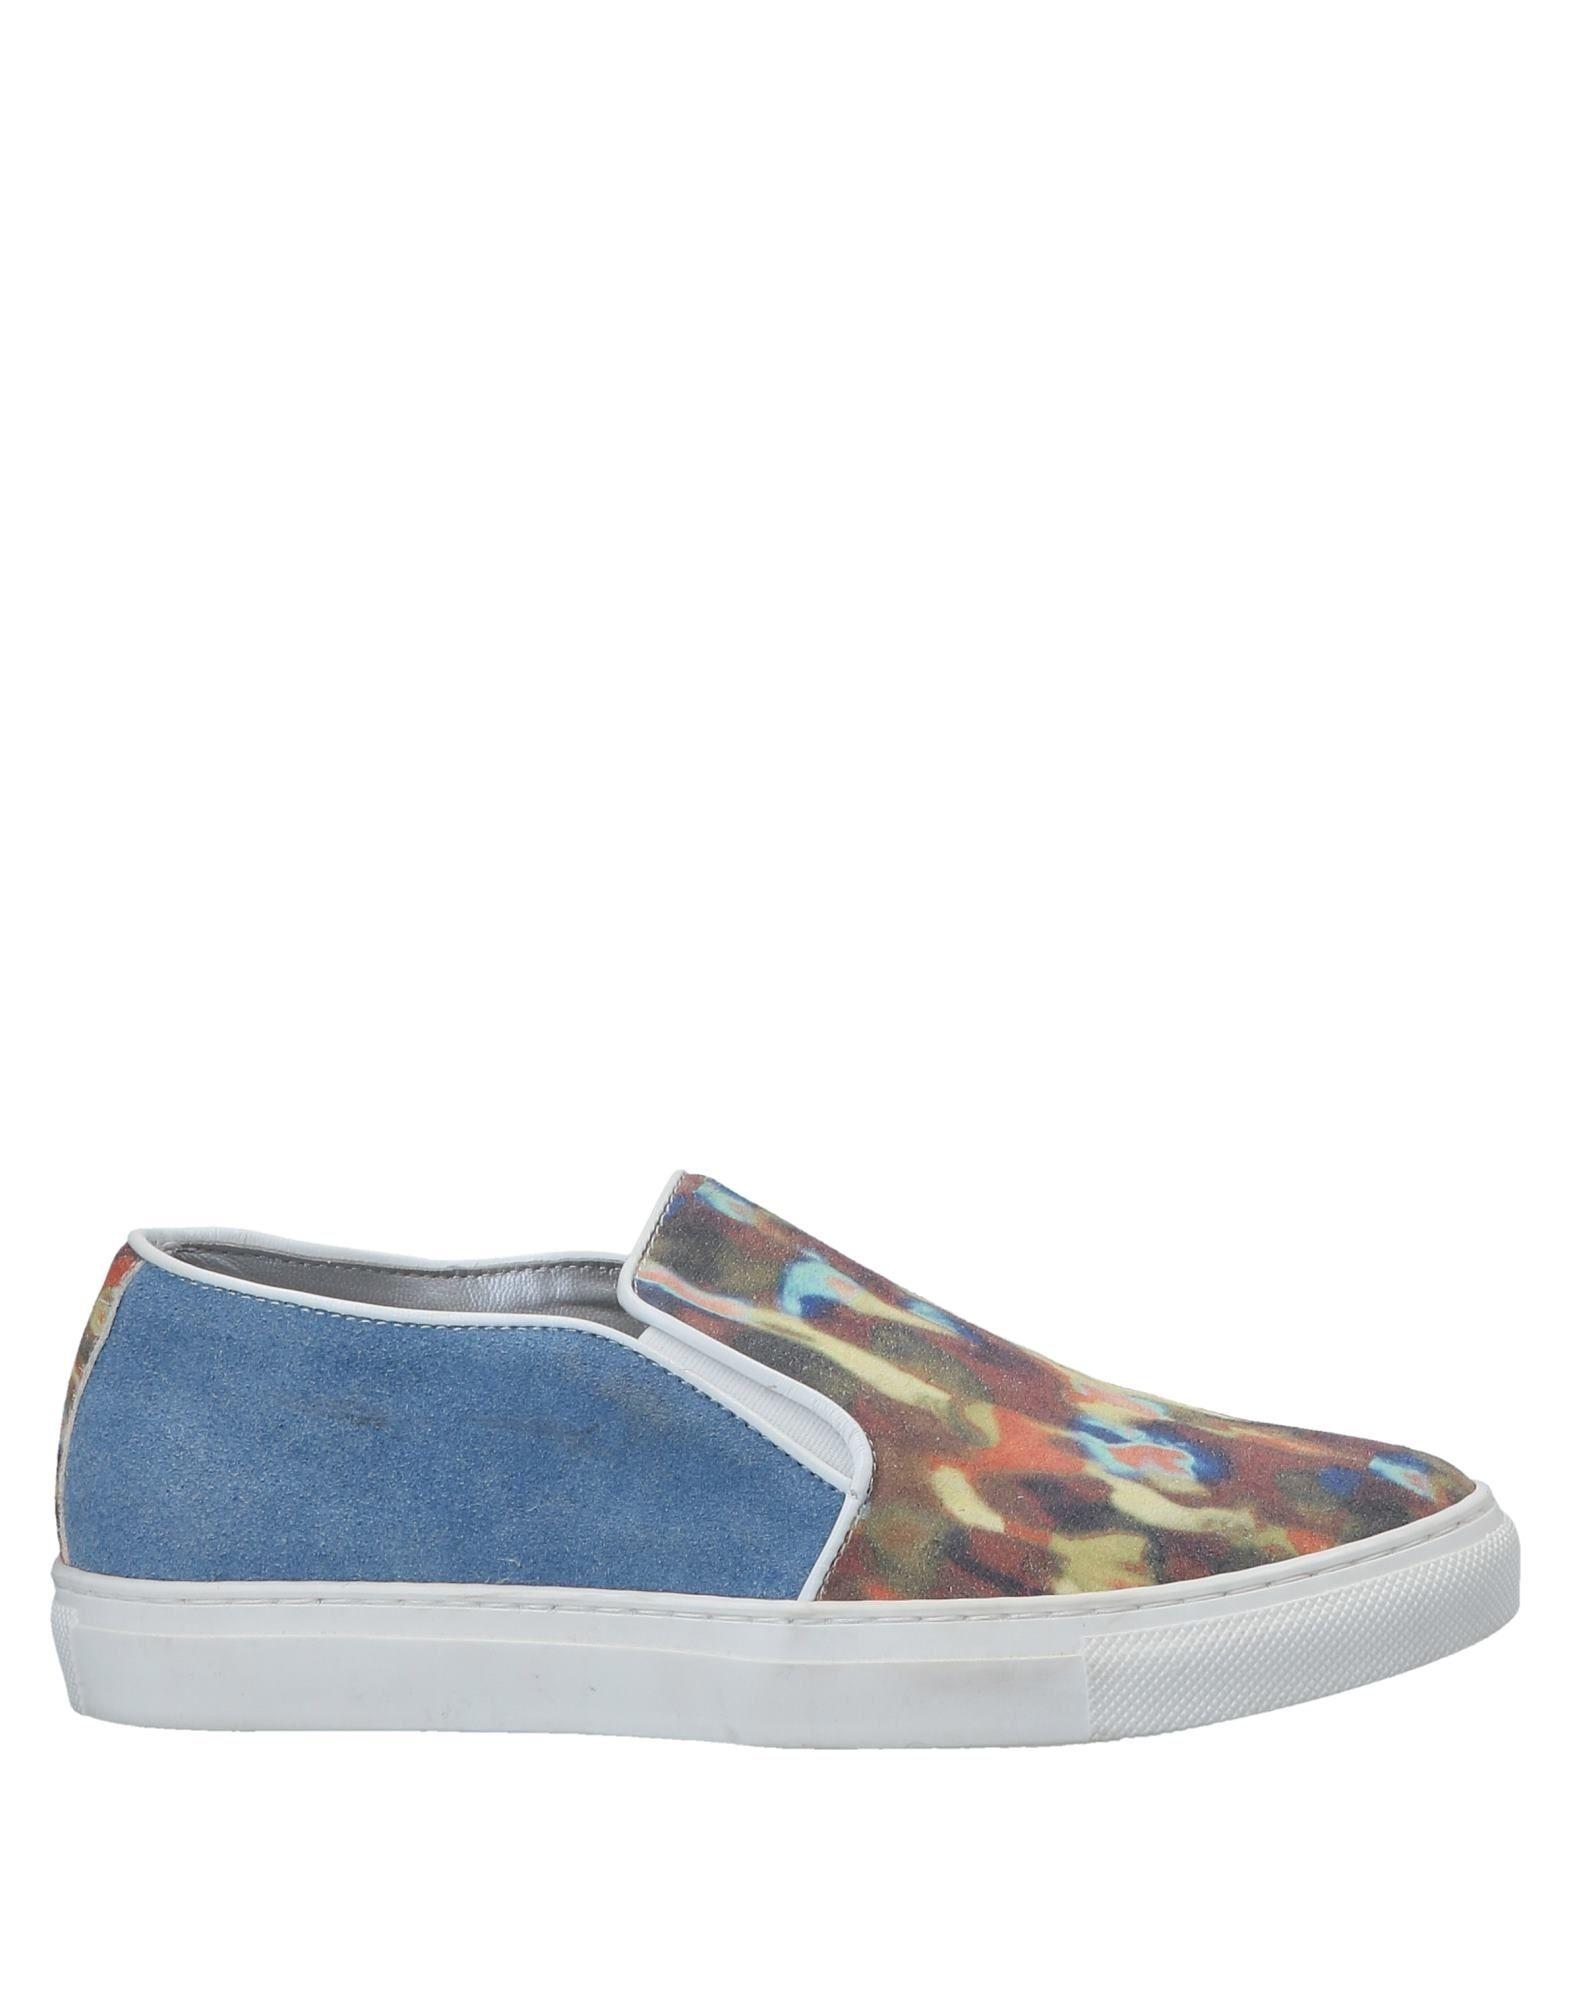 Sneakers Ebarrito Uomo - 11552076XC Scarpe economiche e buone